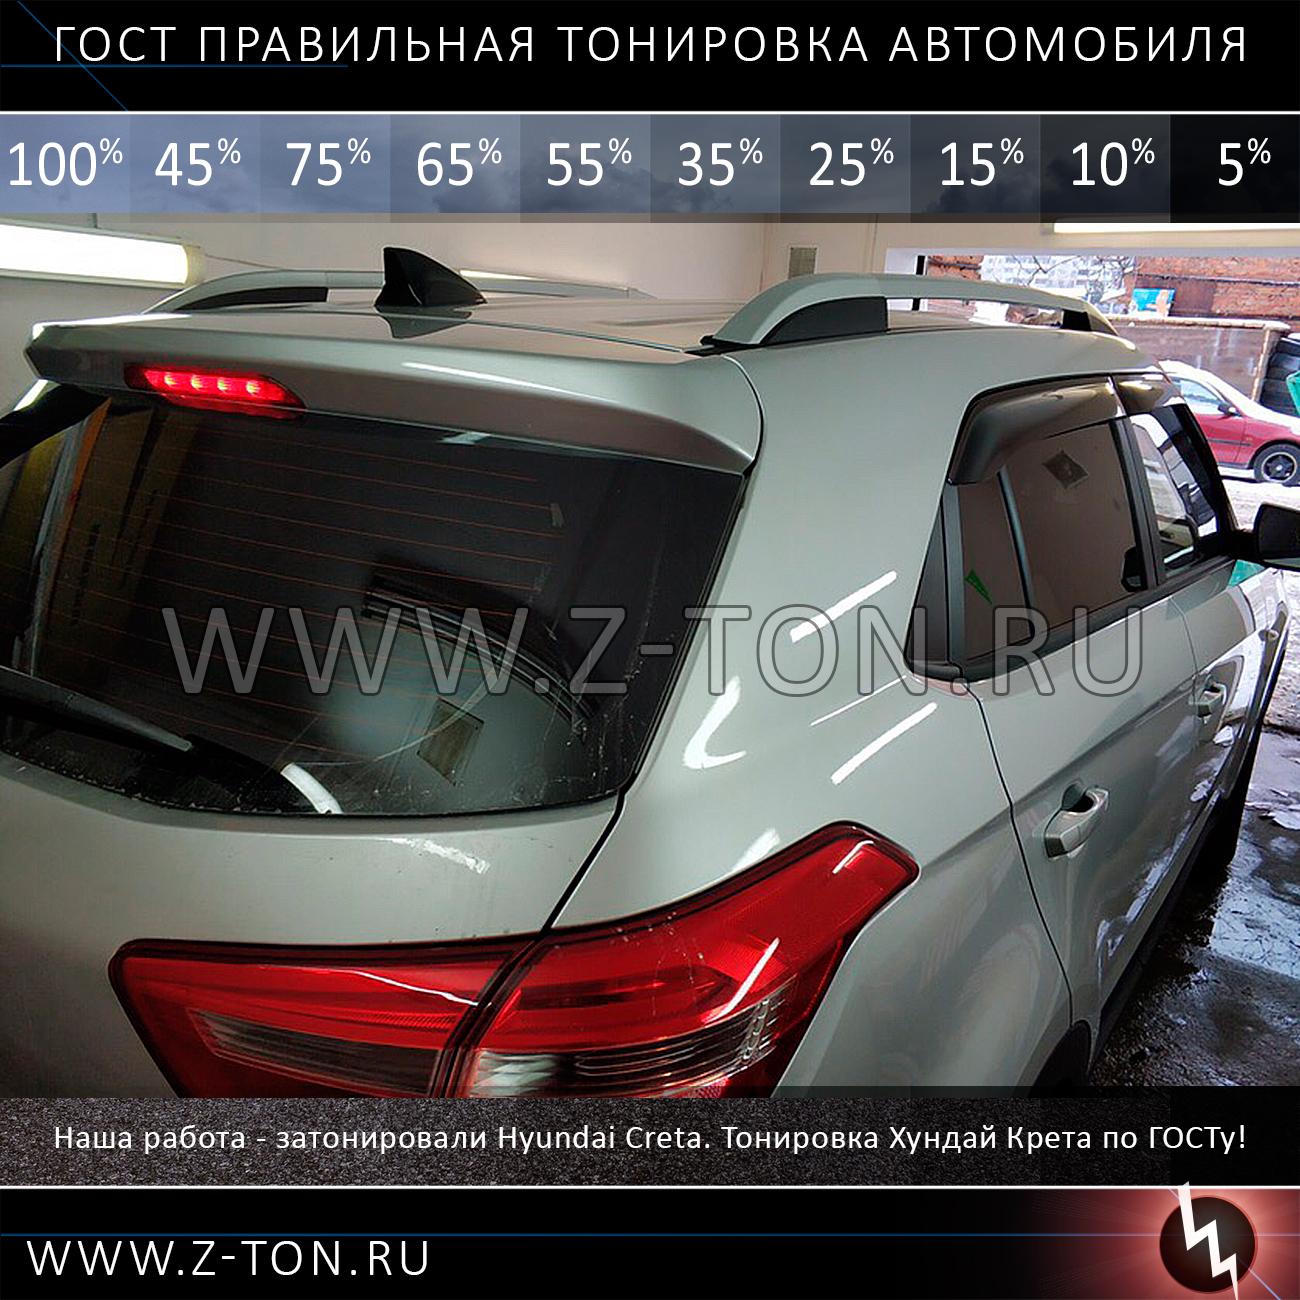 Тонировка автомобиля по ГОСТу в Зеленограде (Андреевка, Крюково, Москва)